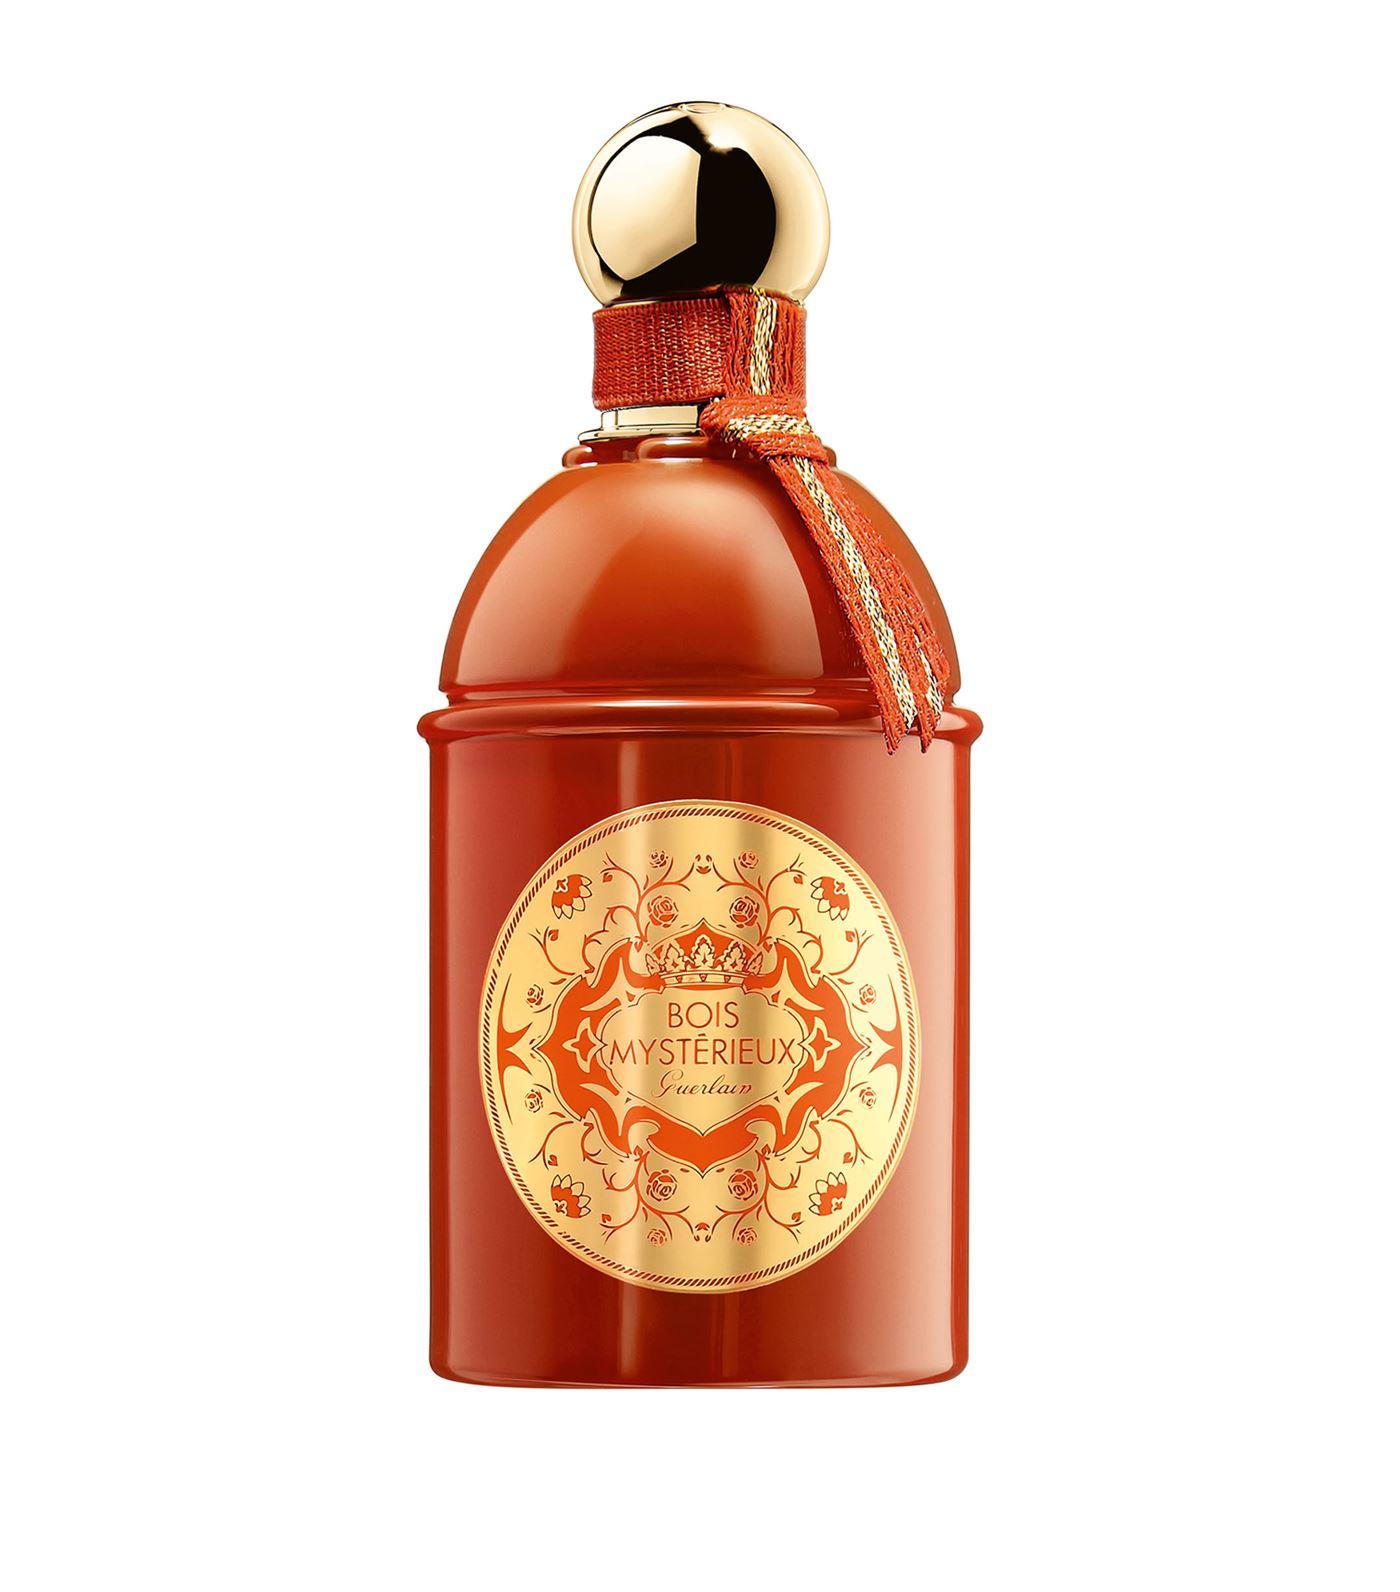 c253e9440 Bois Mystérieux Guerlain perfume - a new fragrance for women and men ...